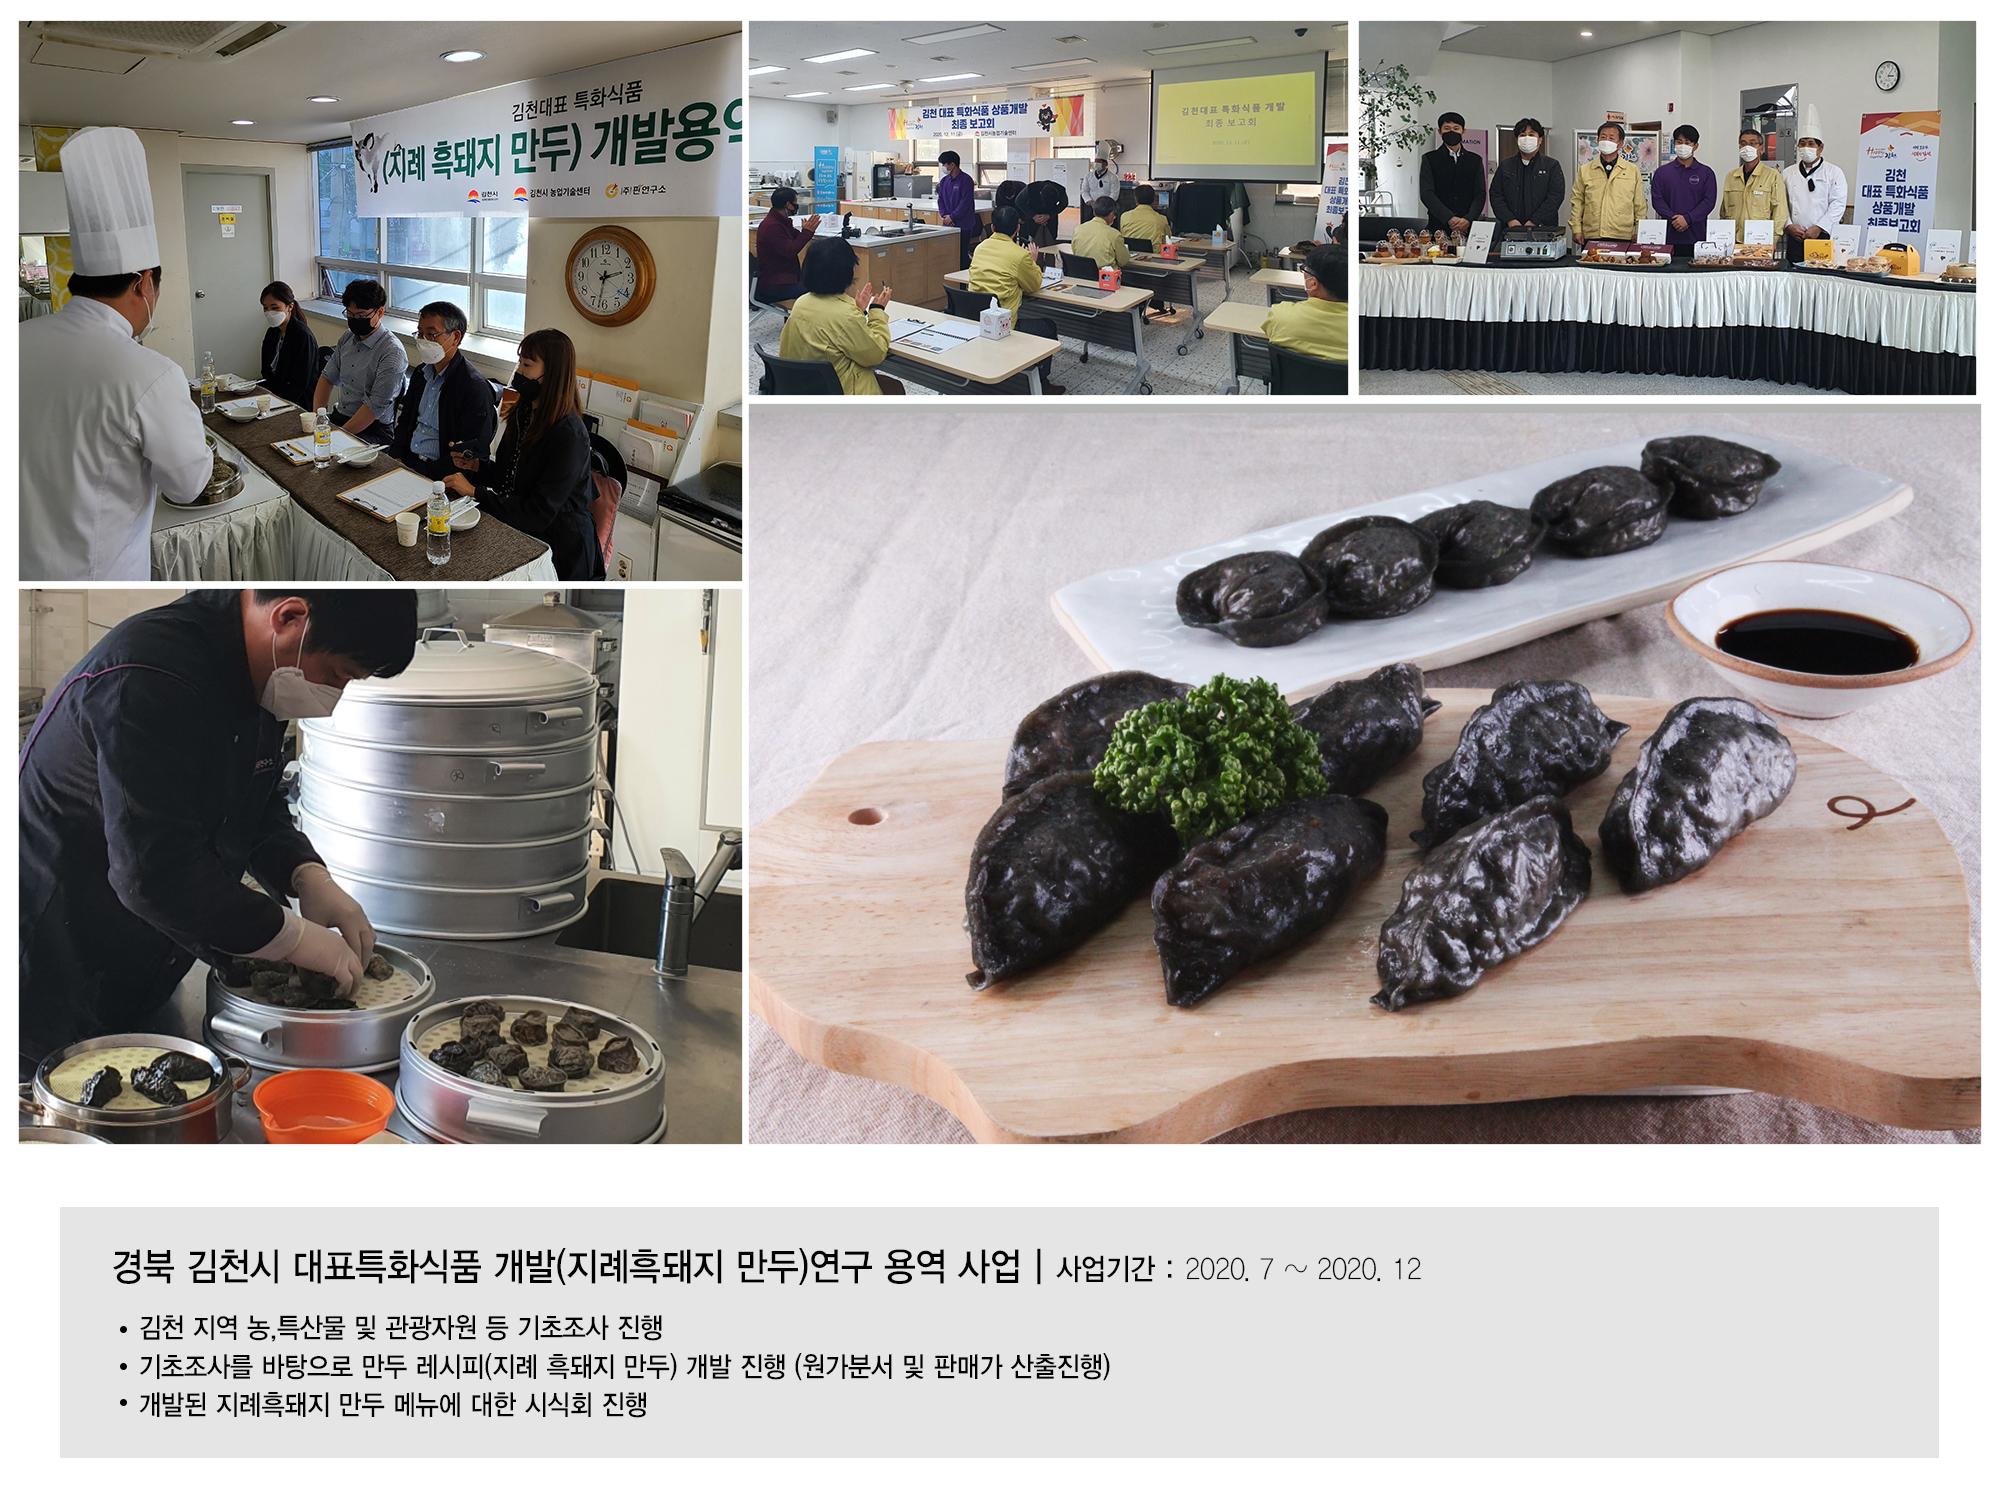 경북 김천시 대표특화식품 개발(지례흑돼지 만두)연구 용역.jpg